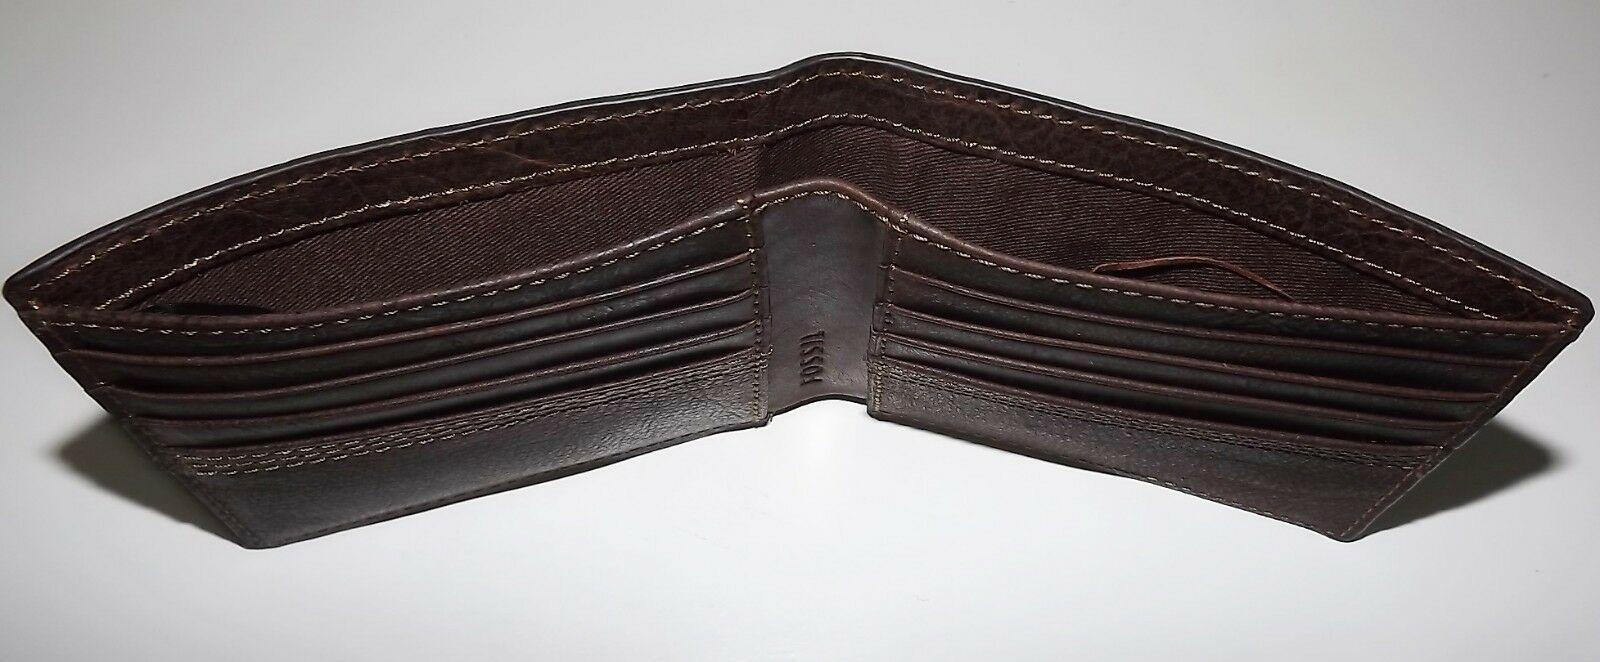 Fossil HERREN Leder Kyle Rfid Geschützt Bi-Faltbar Portemonnaie mit Valet image 5